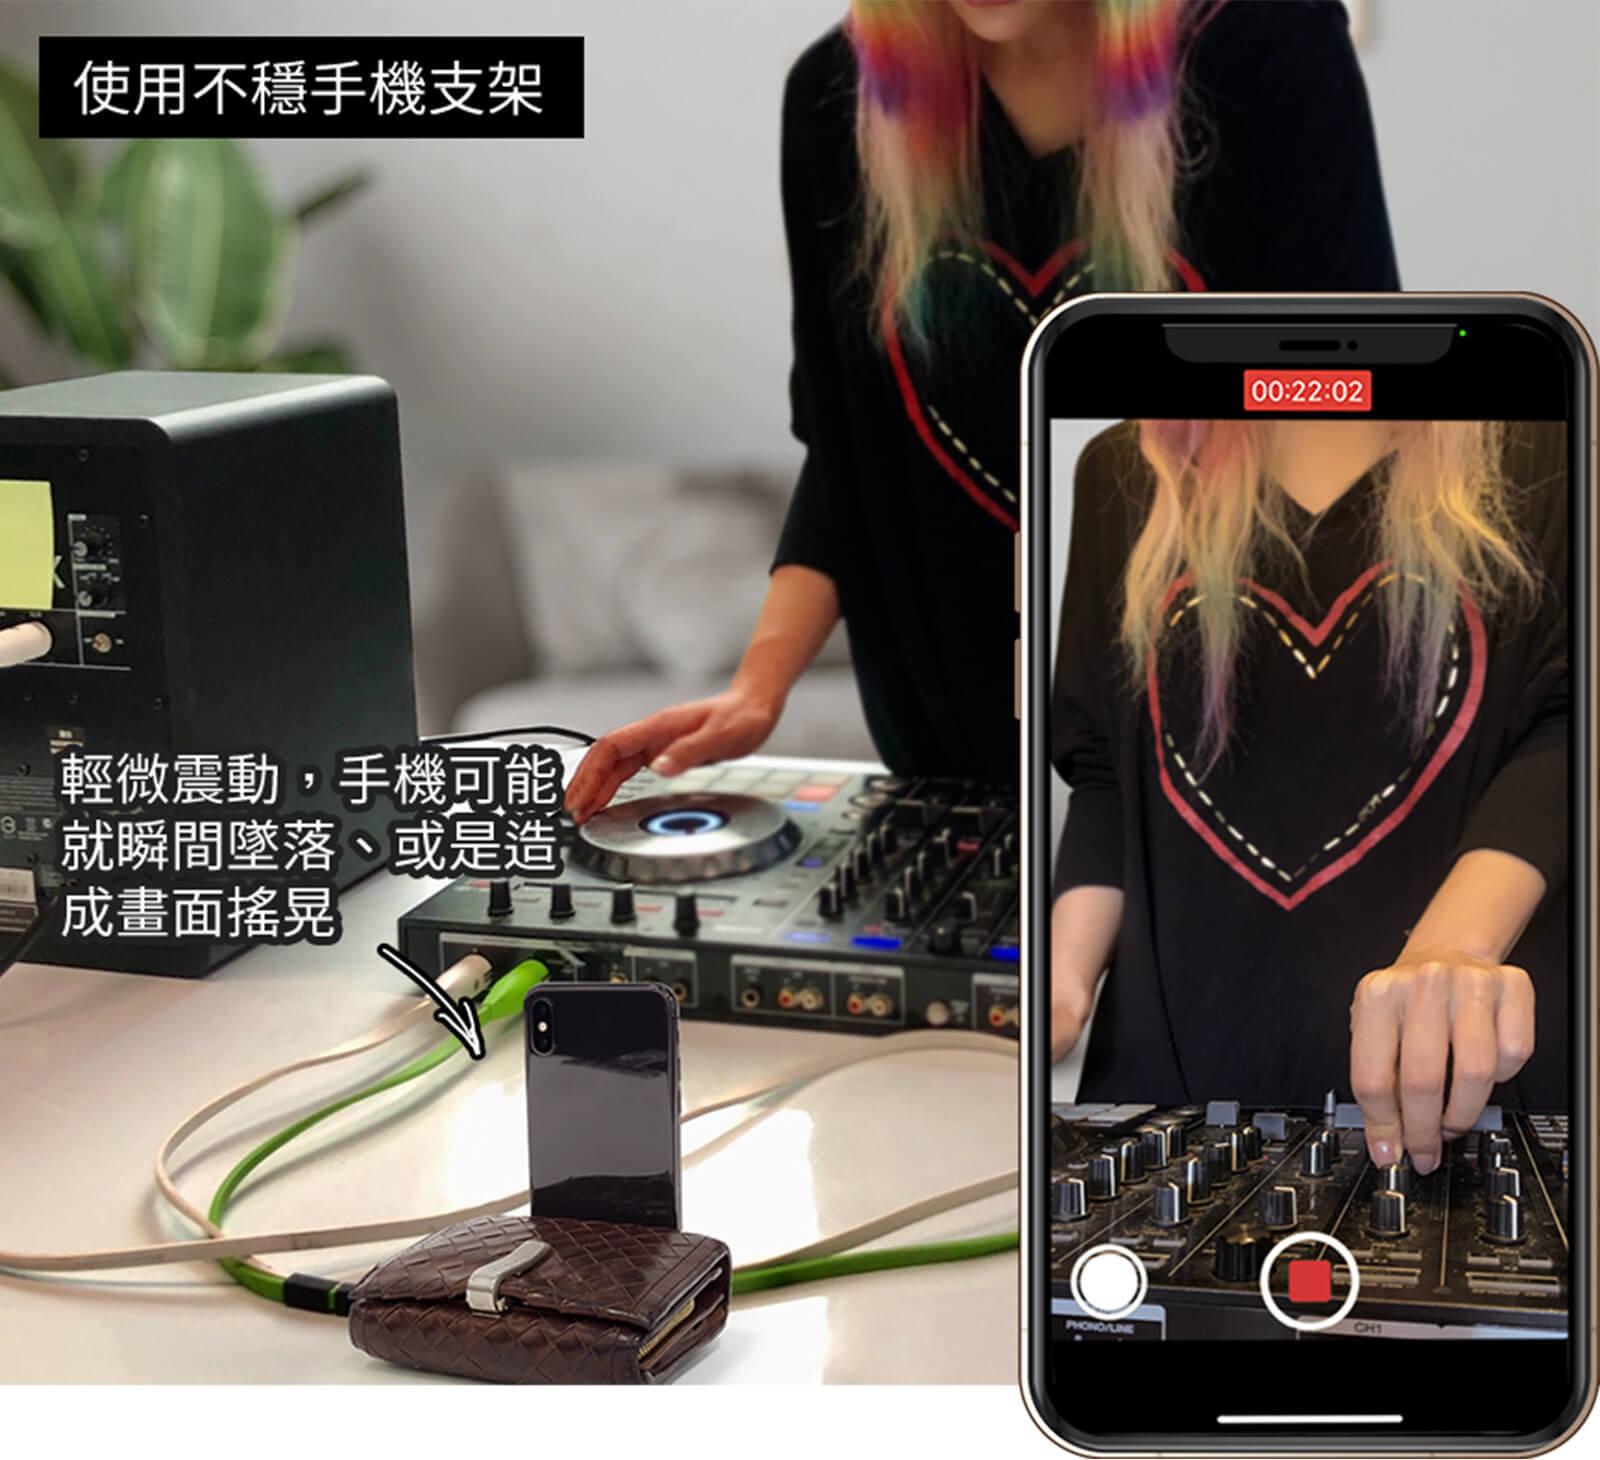 使用不穩手機支架:輕微震動,手機可能就瞬間墜落、或是造成畫面搖晃